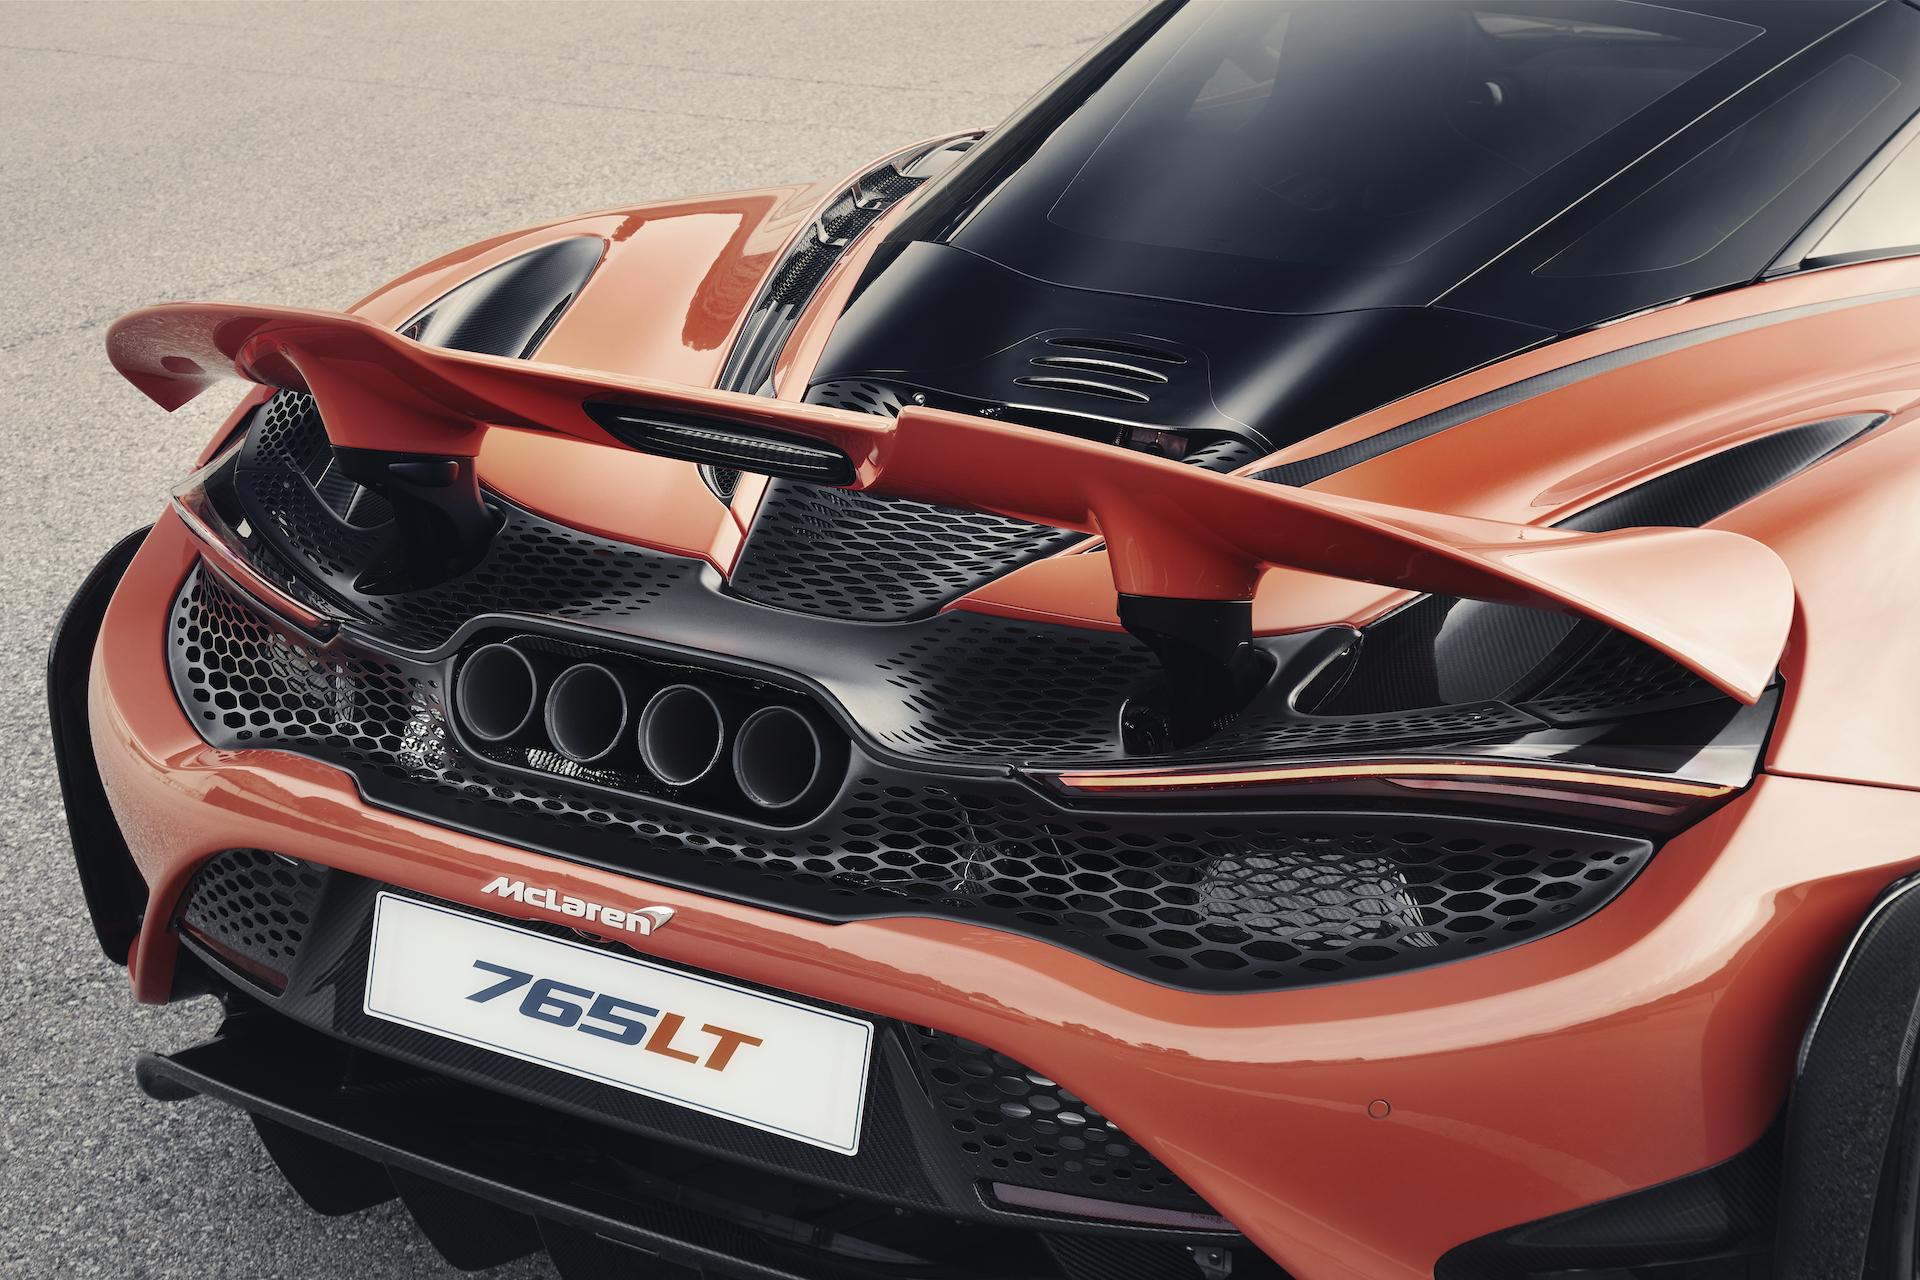 Leichter, leistungsfähiger, noch attraktiver: Der neue 765LT wird vorgestellt 2